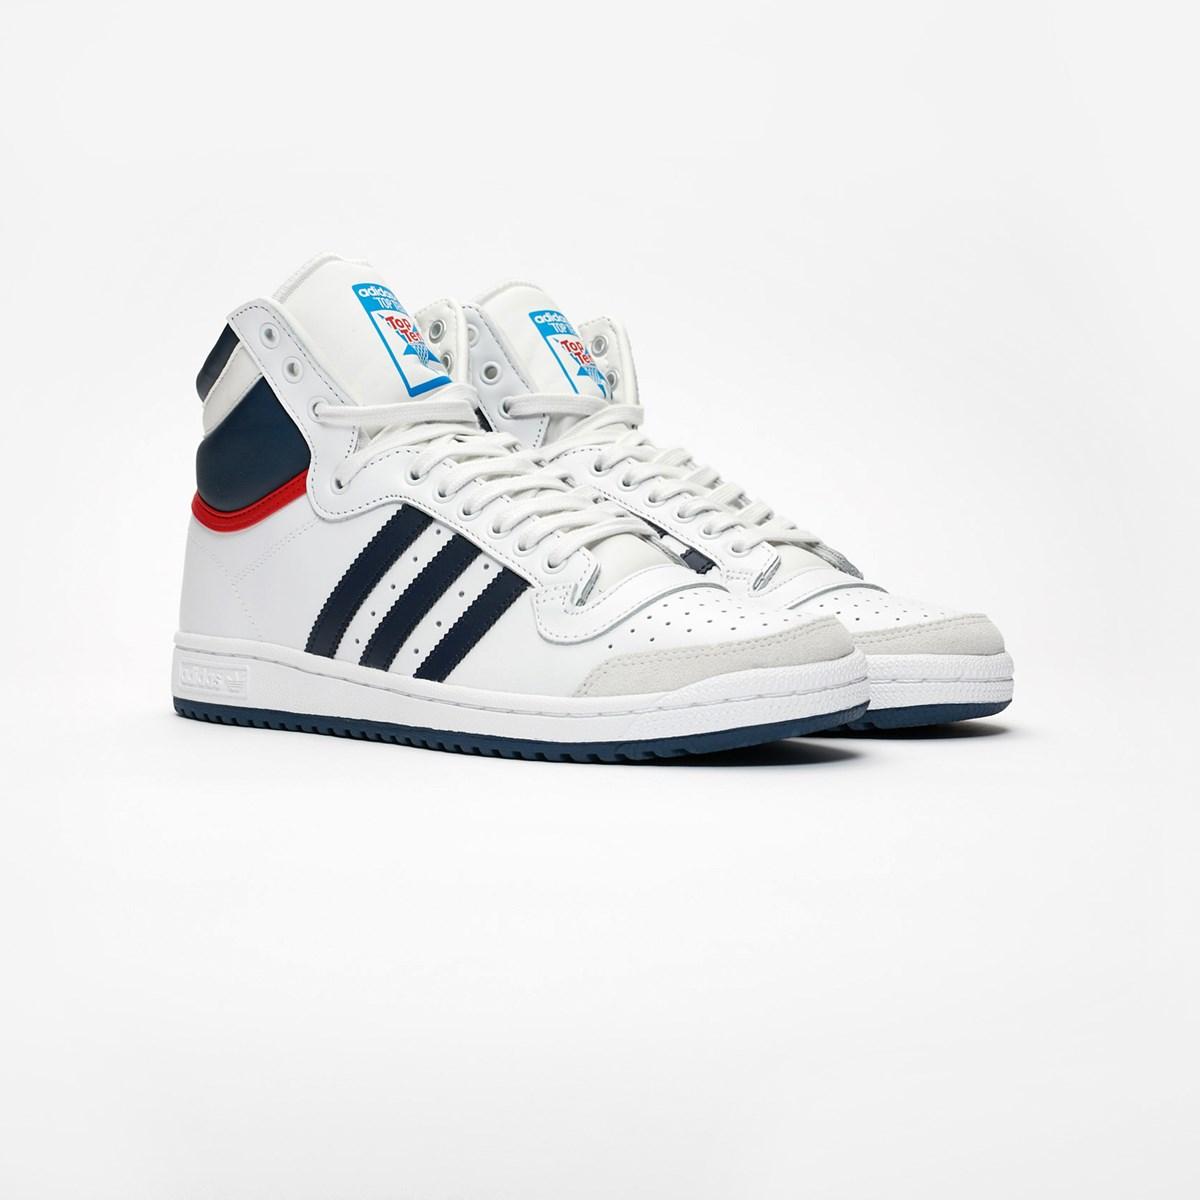 adidas Top Ten Hi Sleek - 81811 - Sneakersnstuff